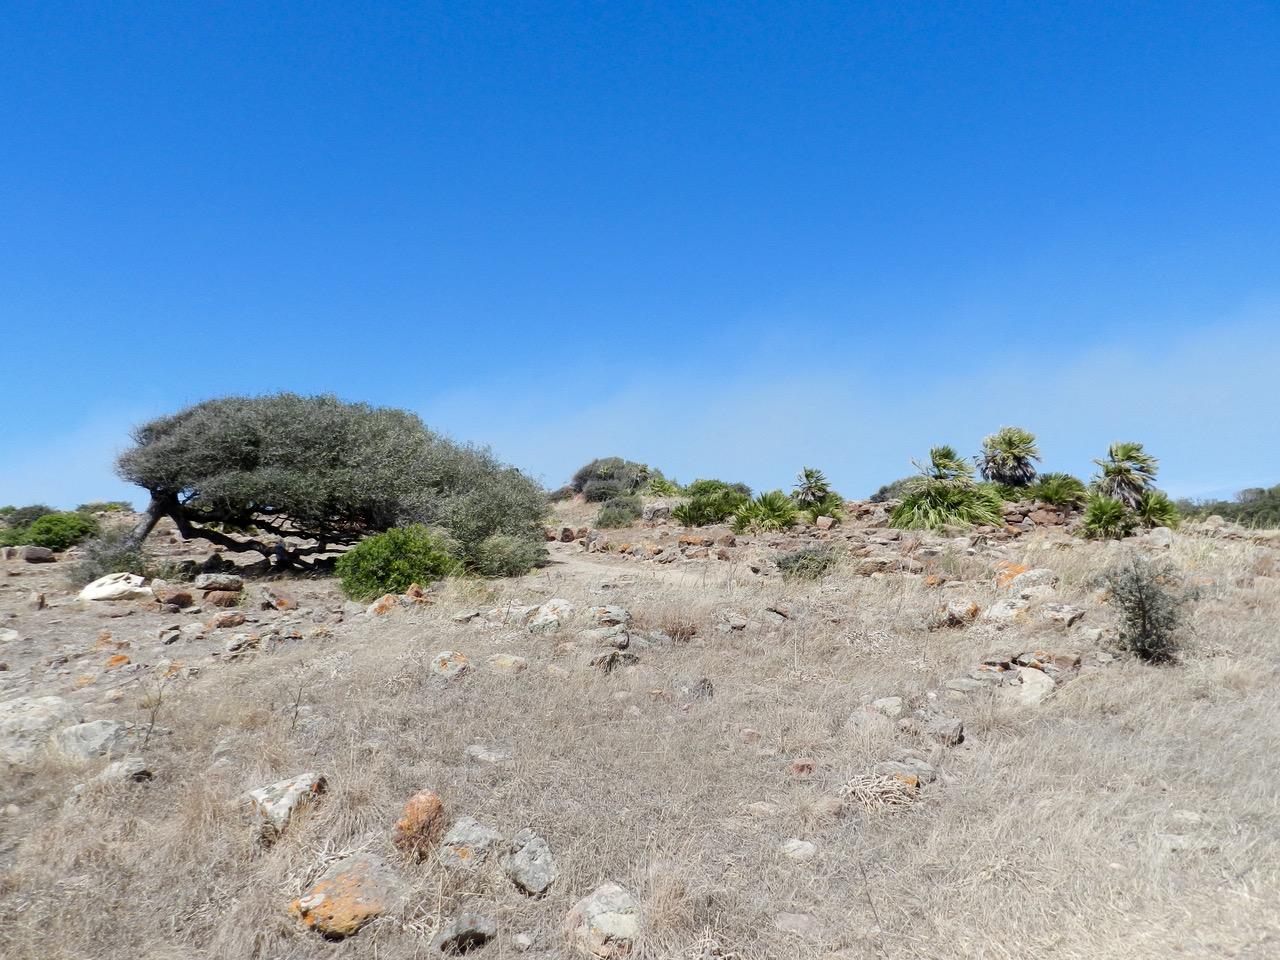 Monte Sirai